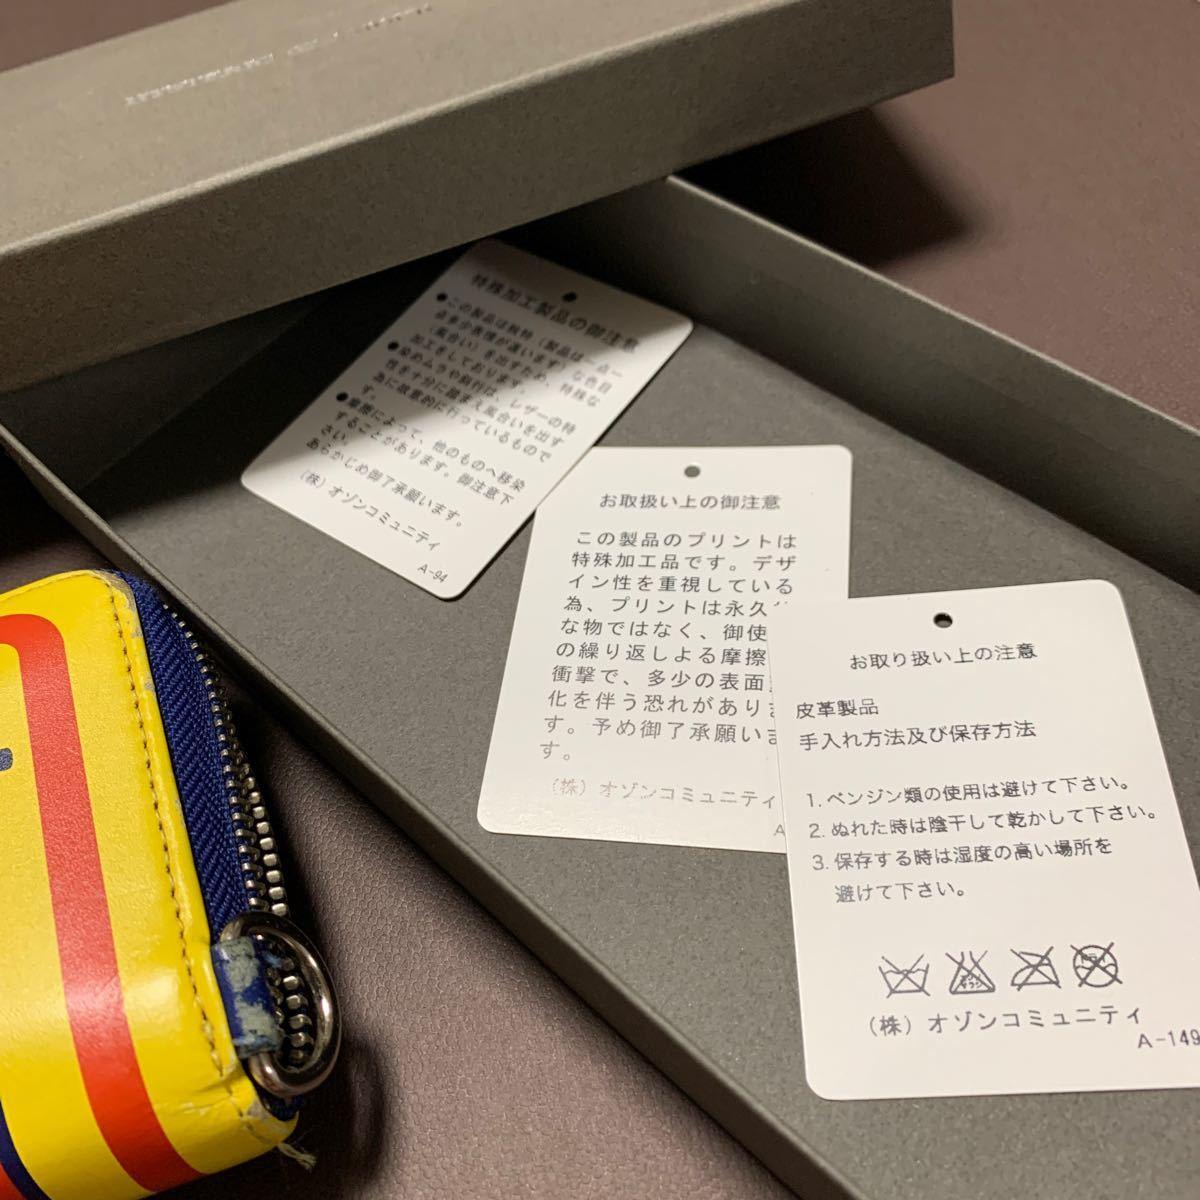 ヒステリックグラマー黄色ショッパーロゴデザイン長財布プリントレザー激レア即完売品